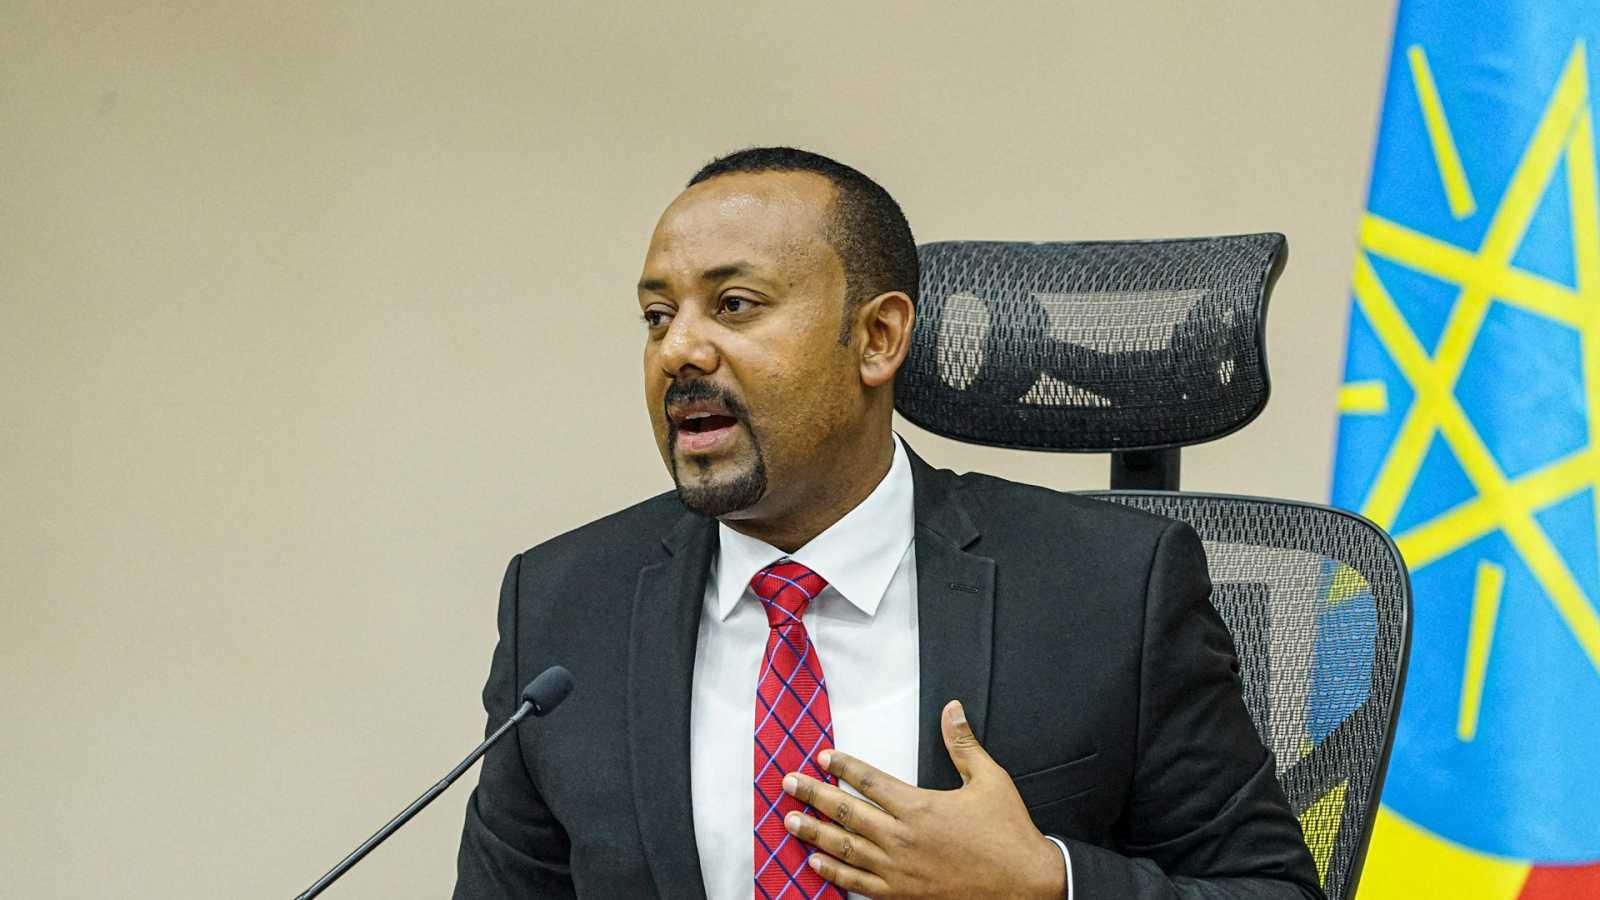 África hoy - Abusos a civiles en Tigray - 26/03/21 - Escuchar ahora